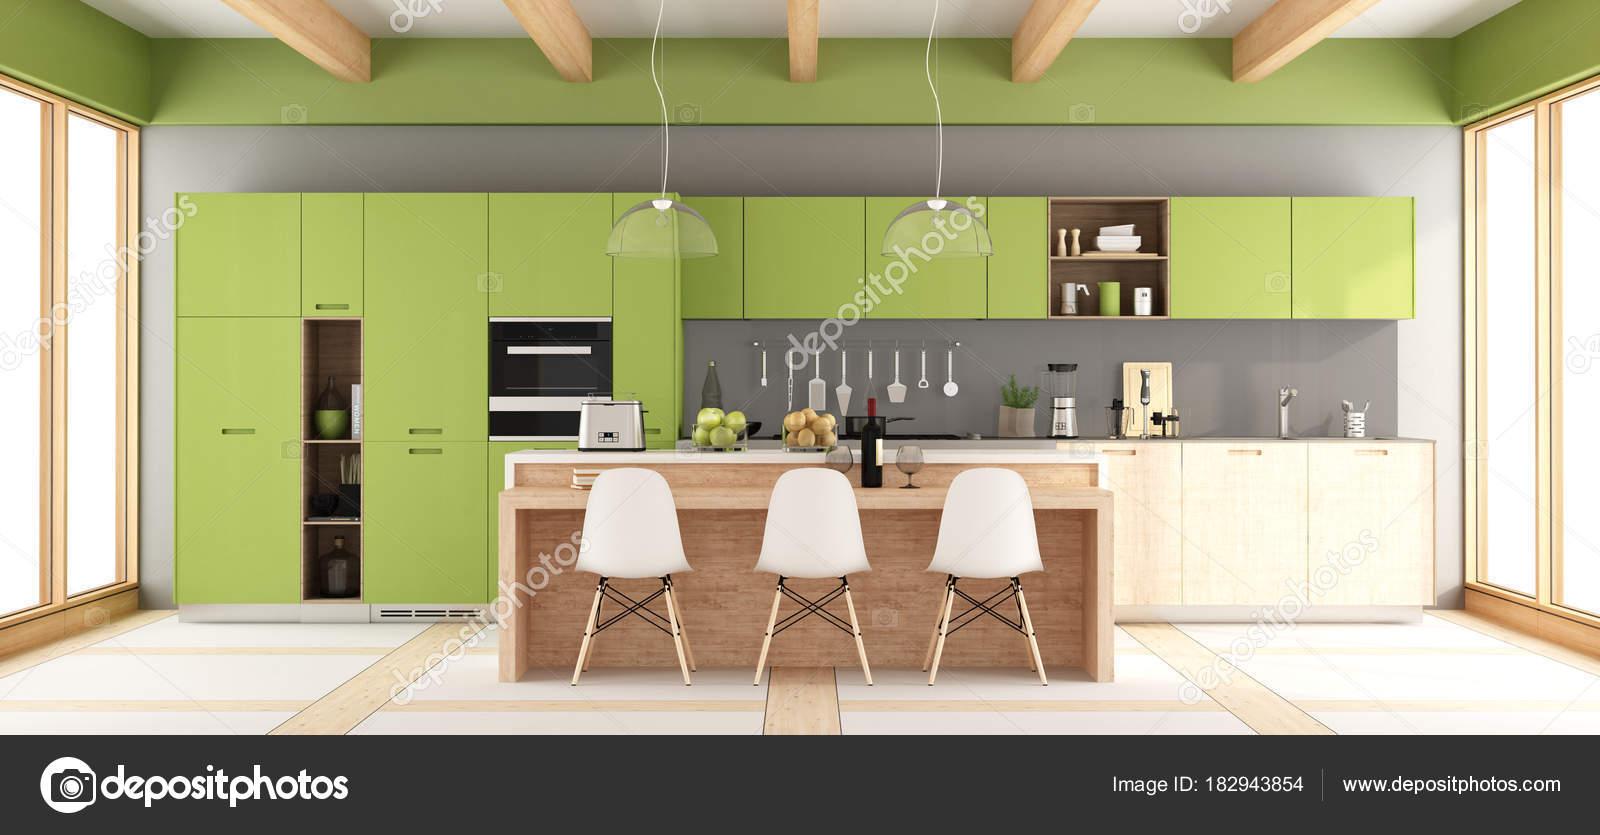 Grijze Moderne Keuken : Groene en grijze moderne keuken u2014 stockfoto © archideaphoto #182943854